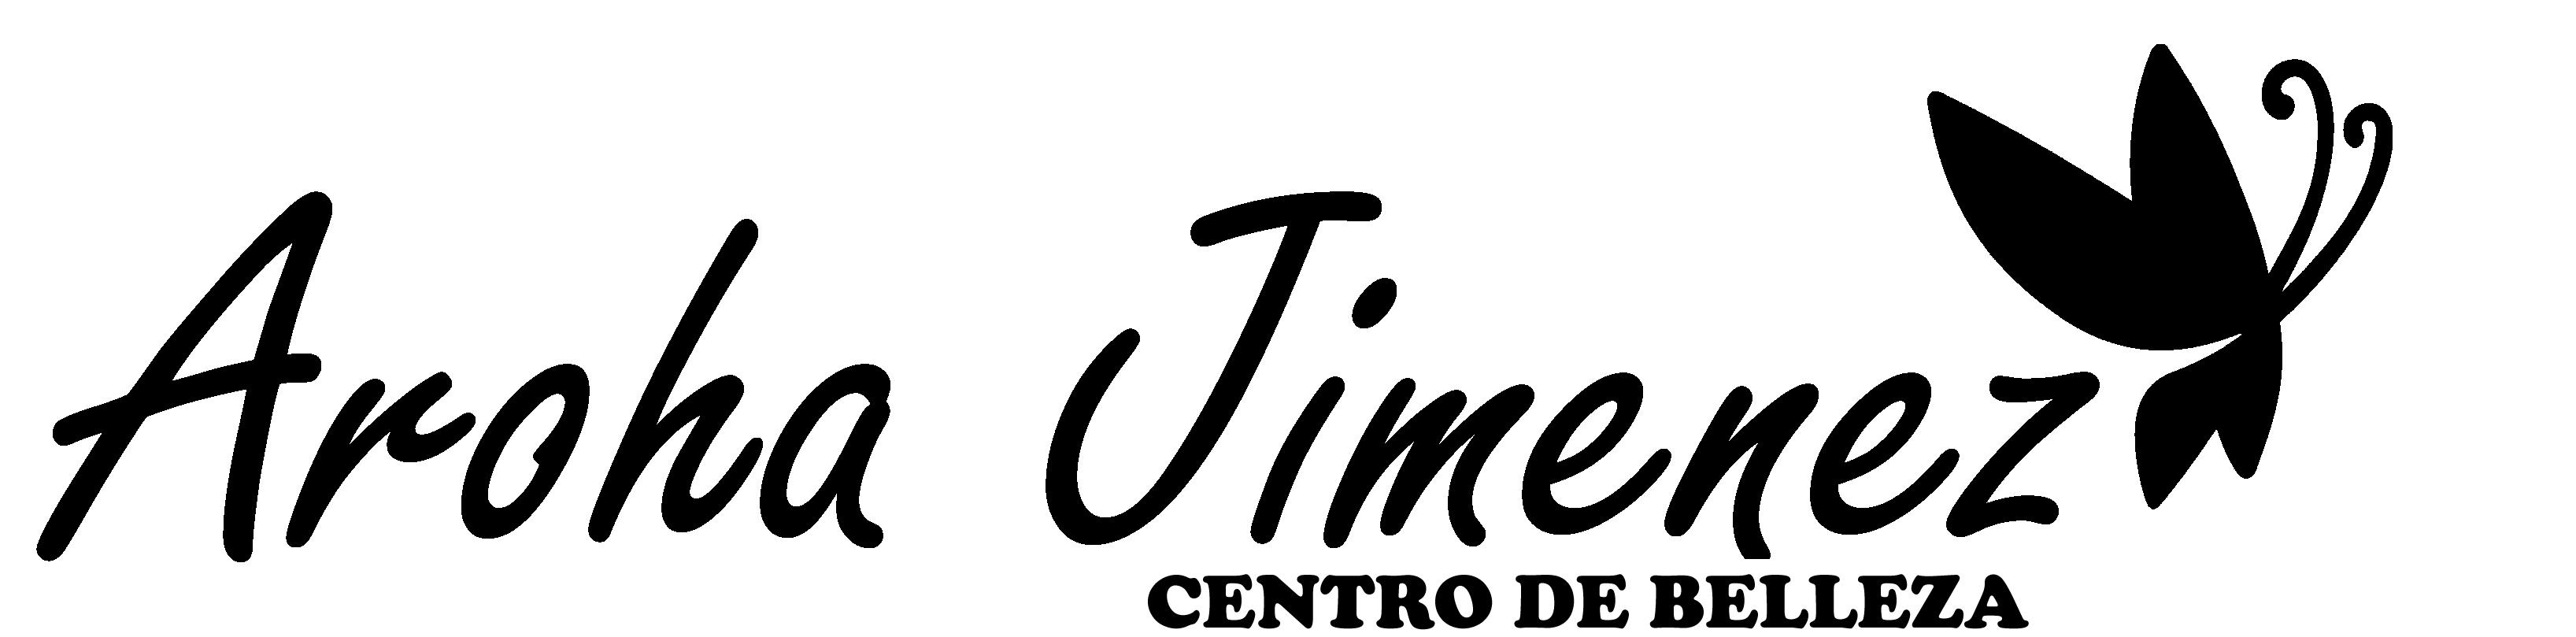 AROHA JIMENEZ CENTRO DE BELLEZA